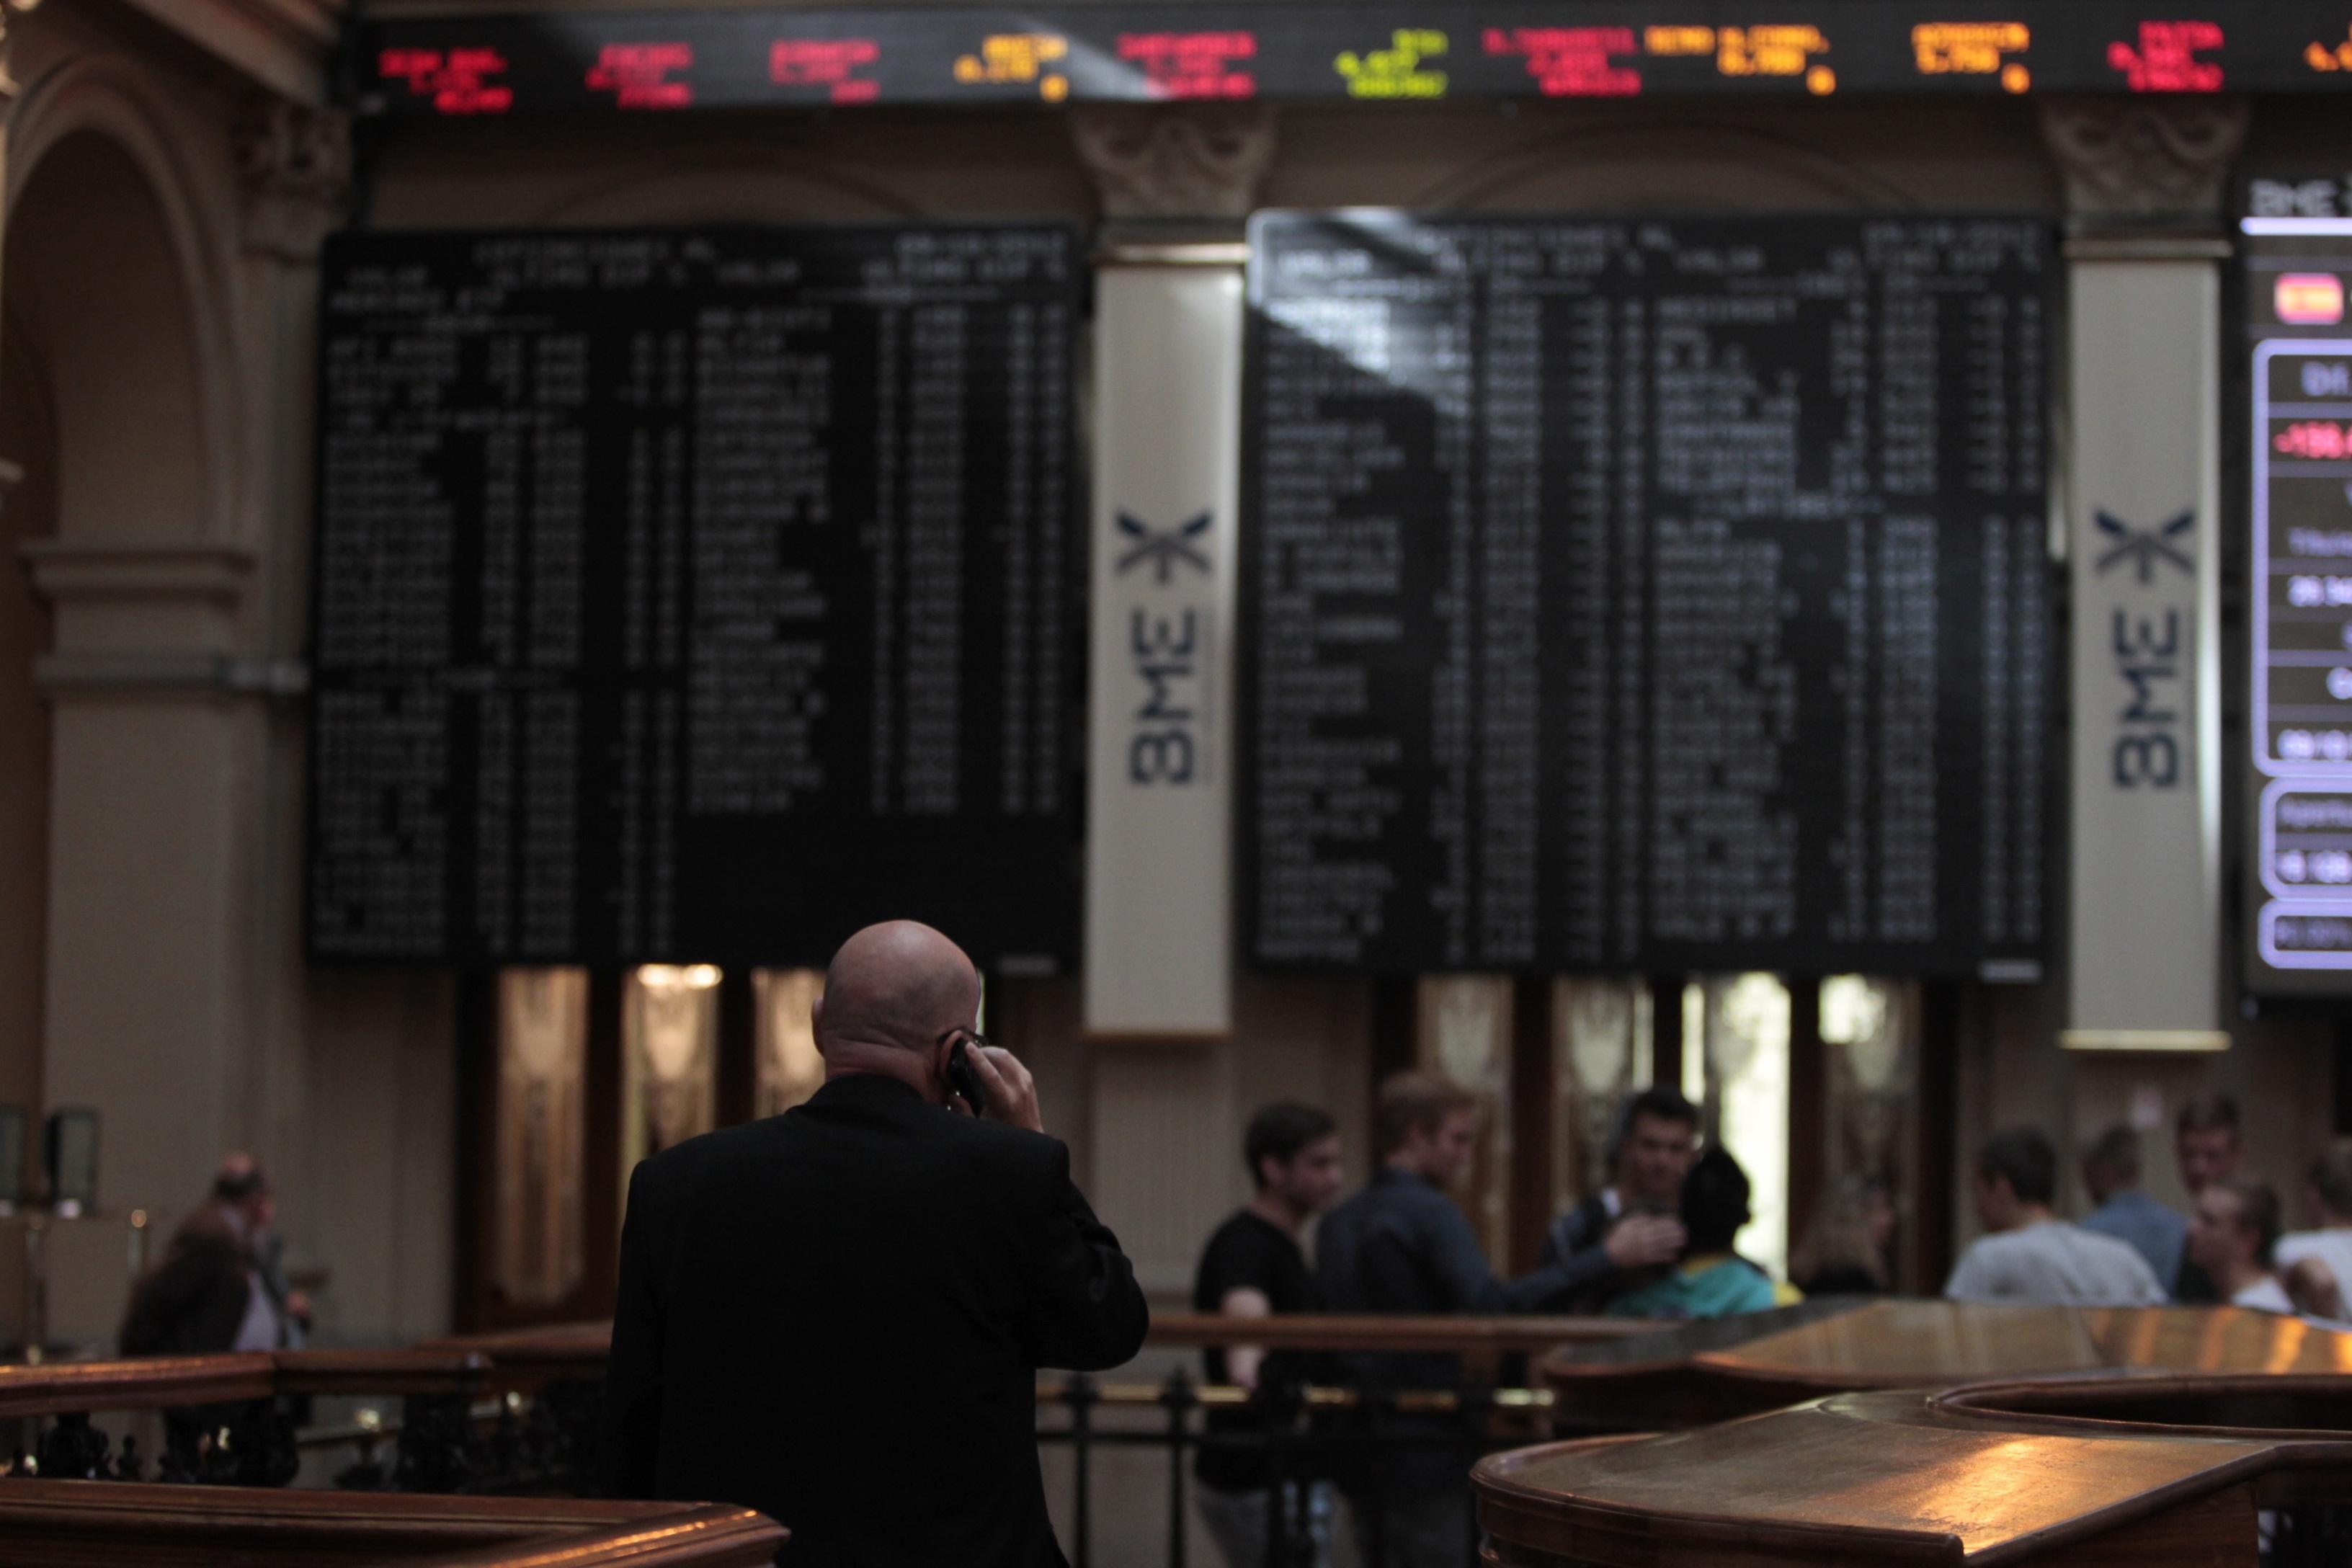 El Ibex cede un 0,52%, pero mantiene los 7.900 enteros, con la prima por debajo de los 300 puntos